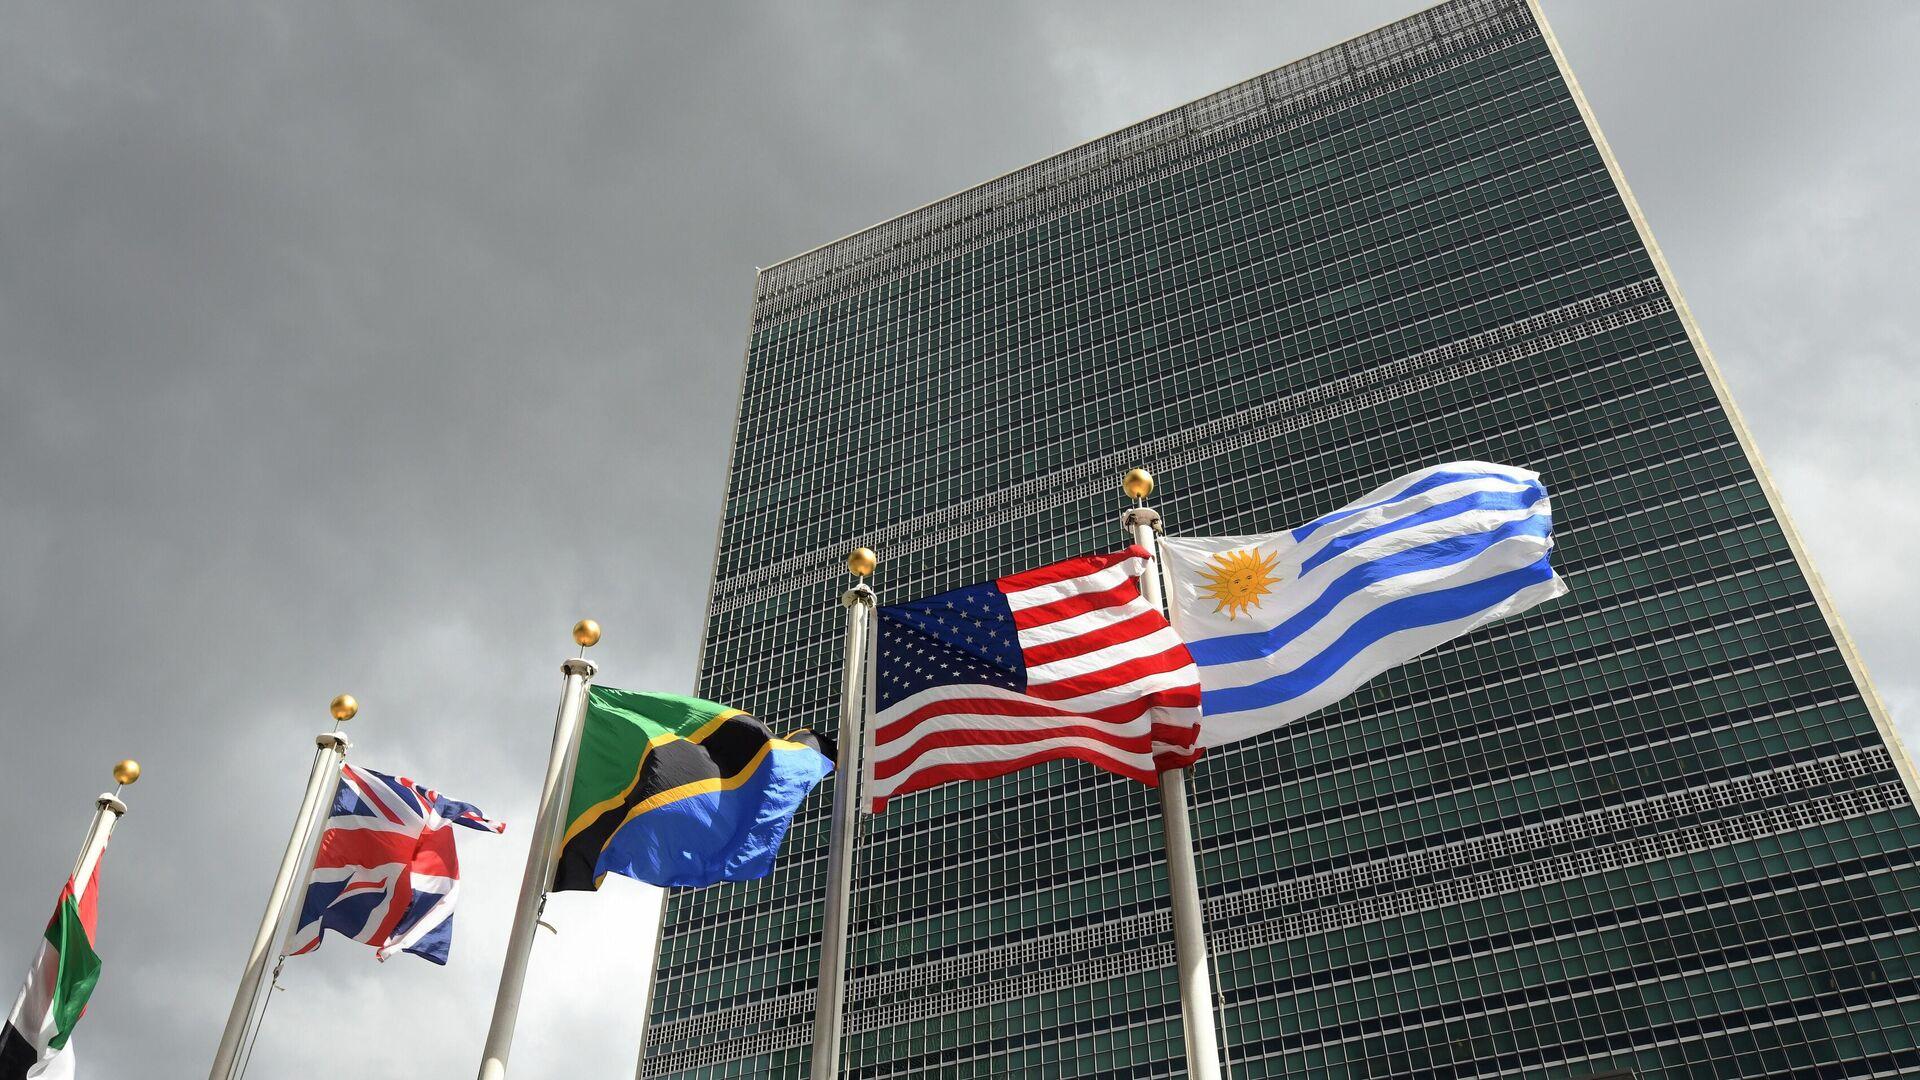 Штаб-квартира Организации Объединенных Наций в Нью-Йорке - РИА Новости, 1920, 24.04.2020